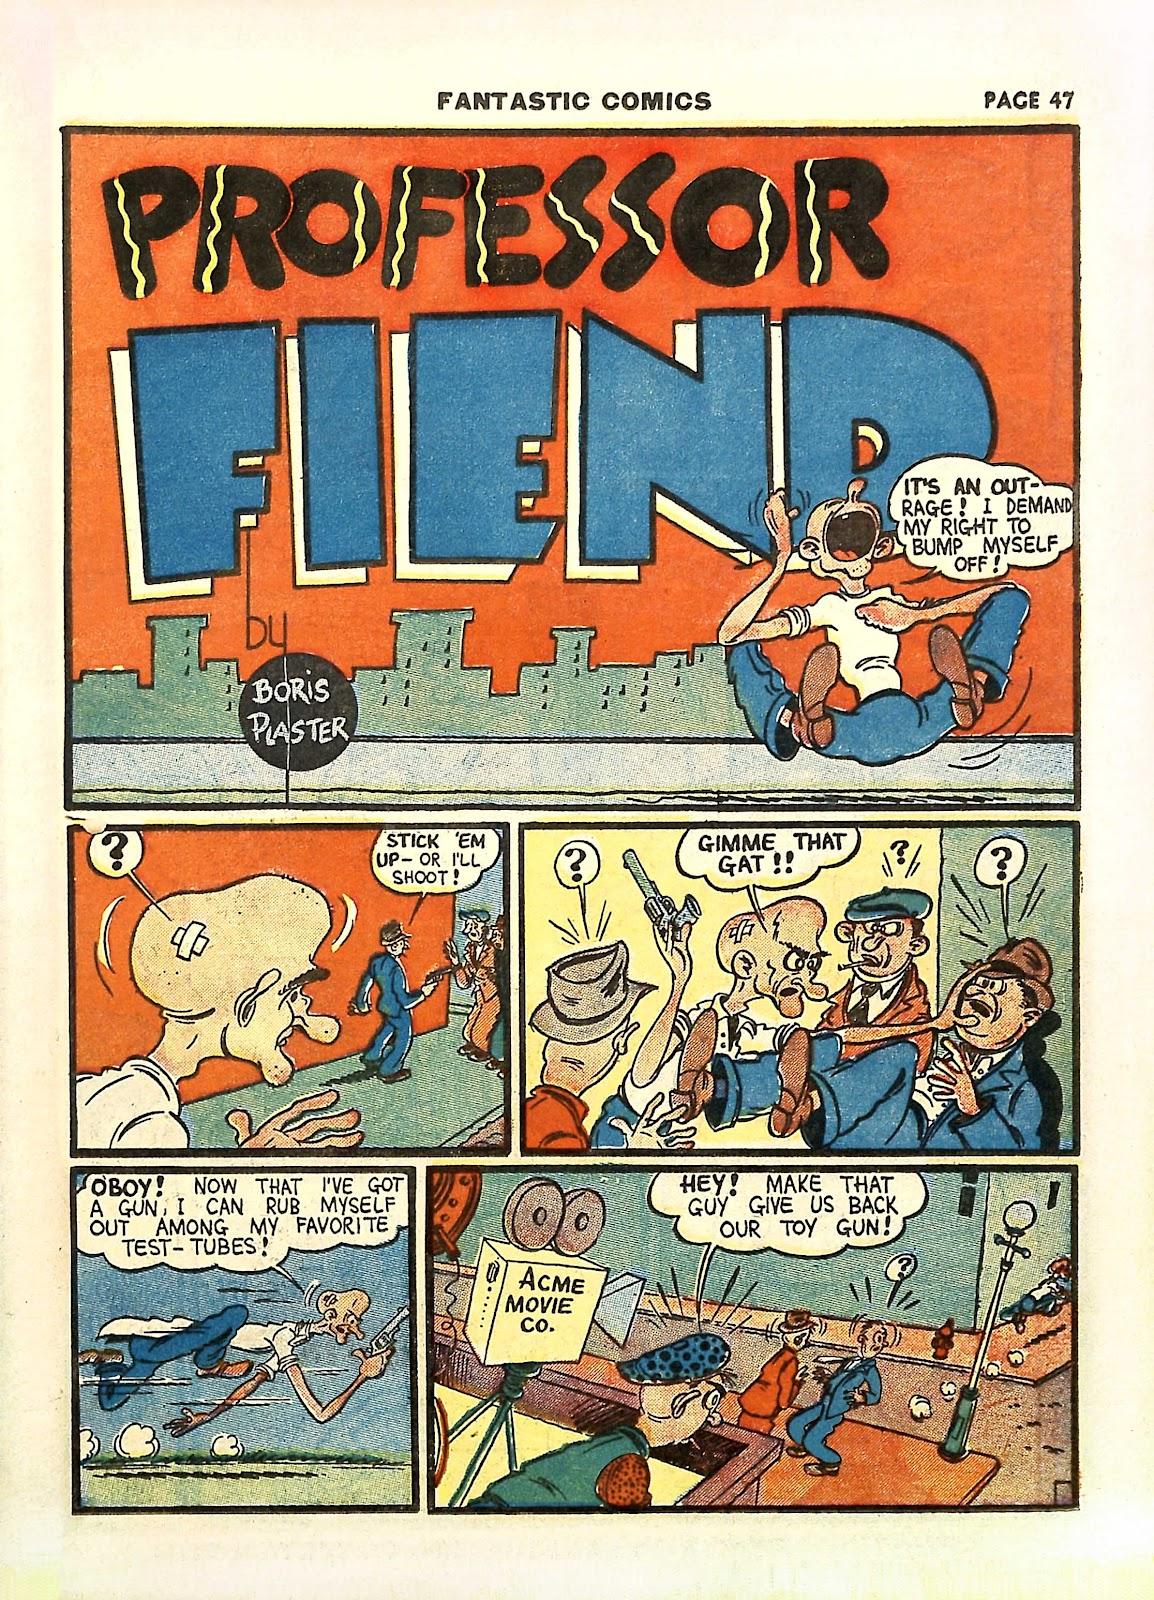 Read online Fantastic Comics comic -  Issue #11 - 50